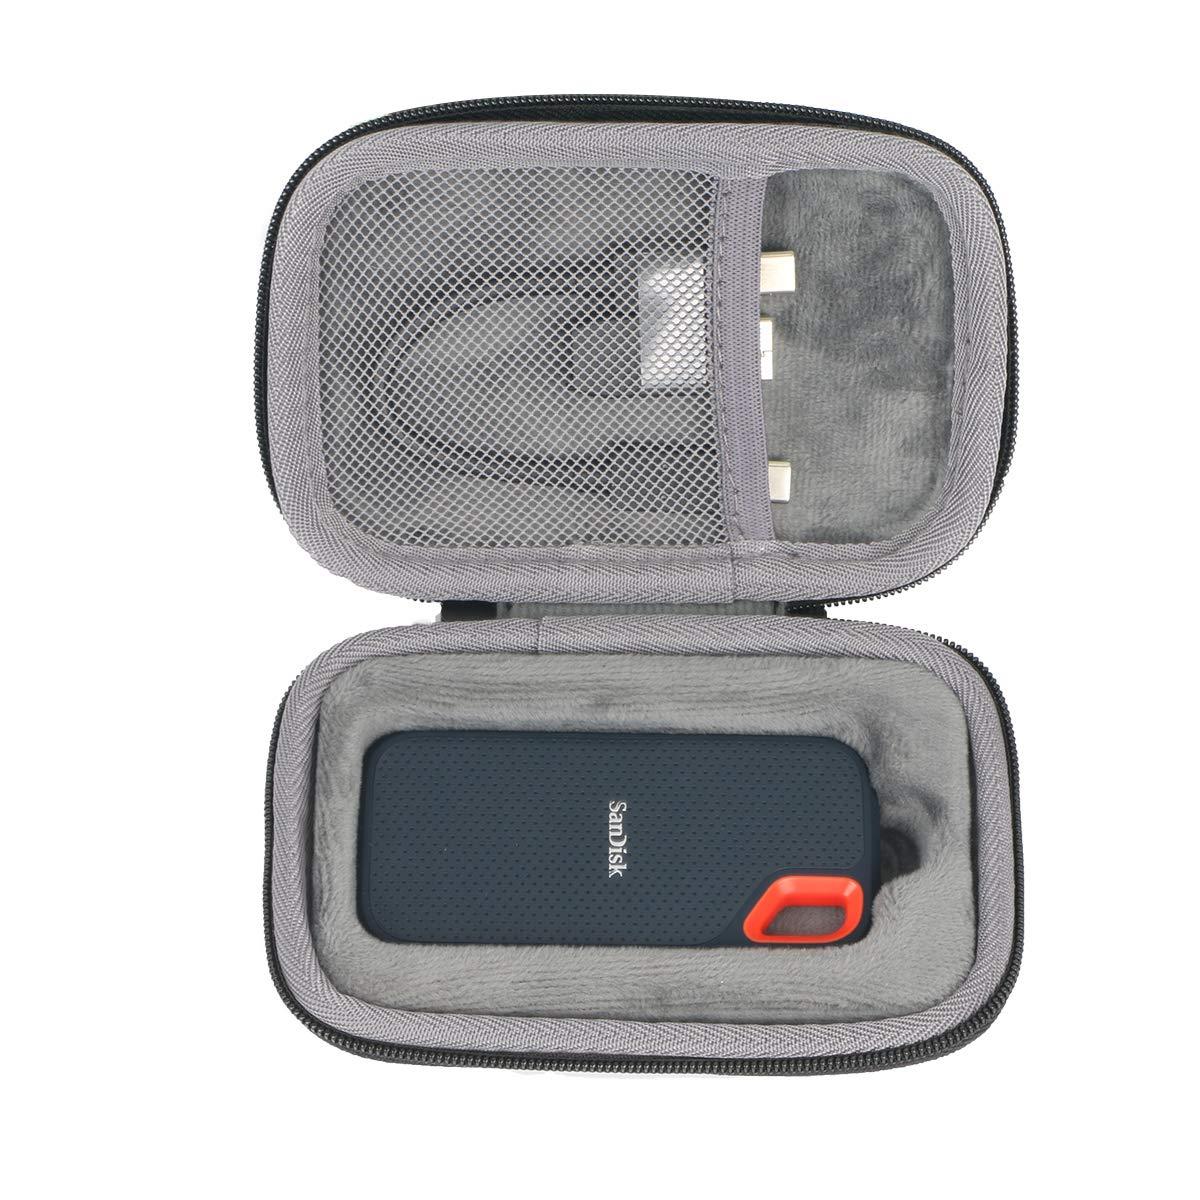 co2CREA Duro Viajar Caso Cubrir para SanDisk Extreme Portable SSD ...